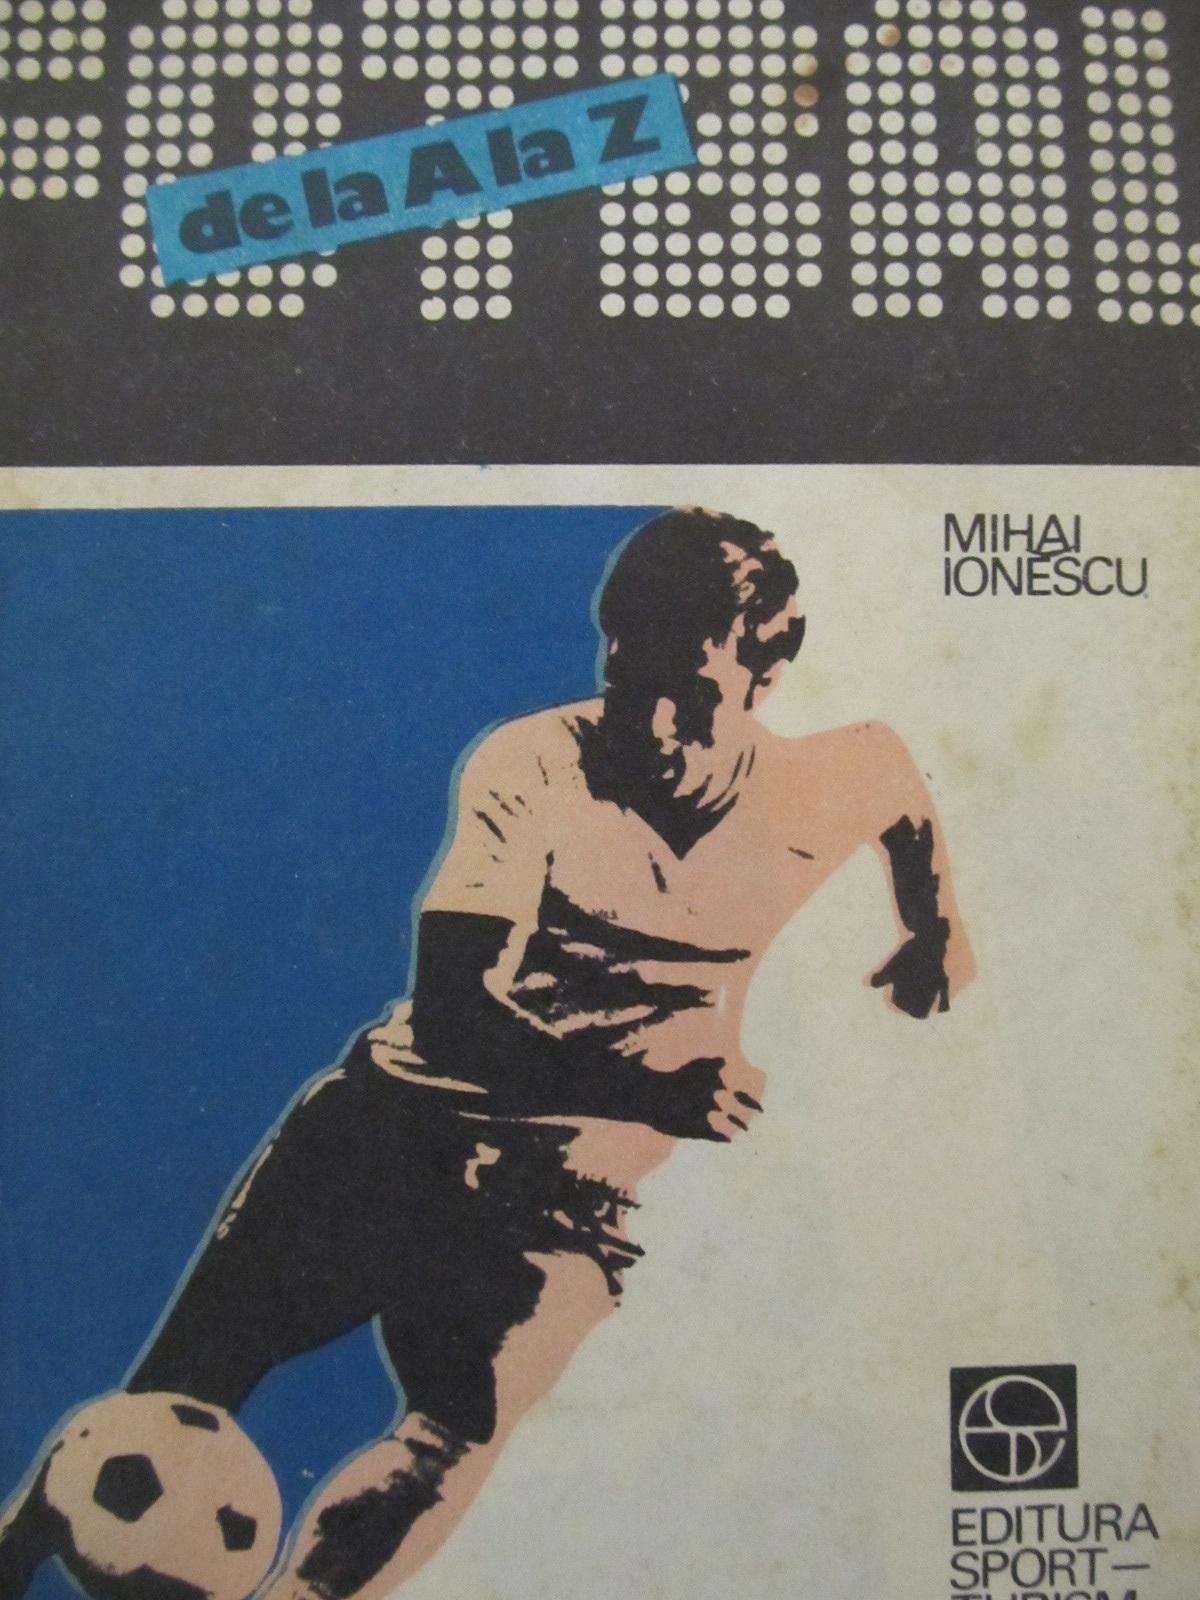 Fotbal de la A la Z - fotbalul mondial de-a lungul anilor - Mihai Ionescu | Detalii carte